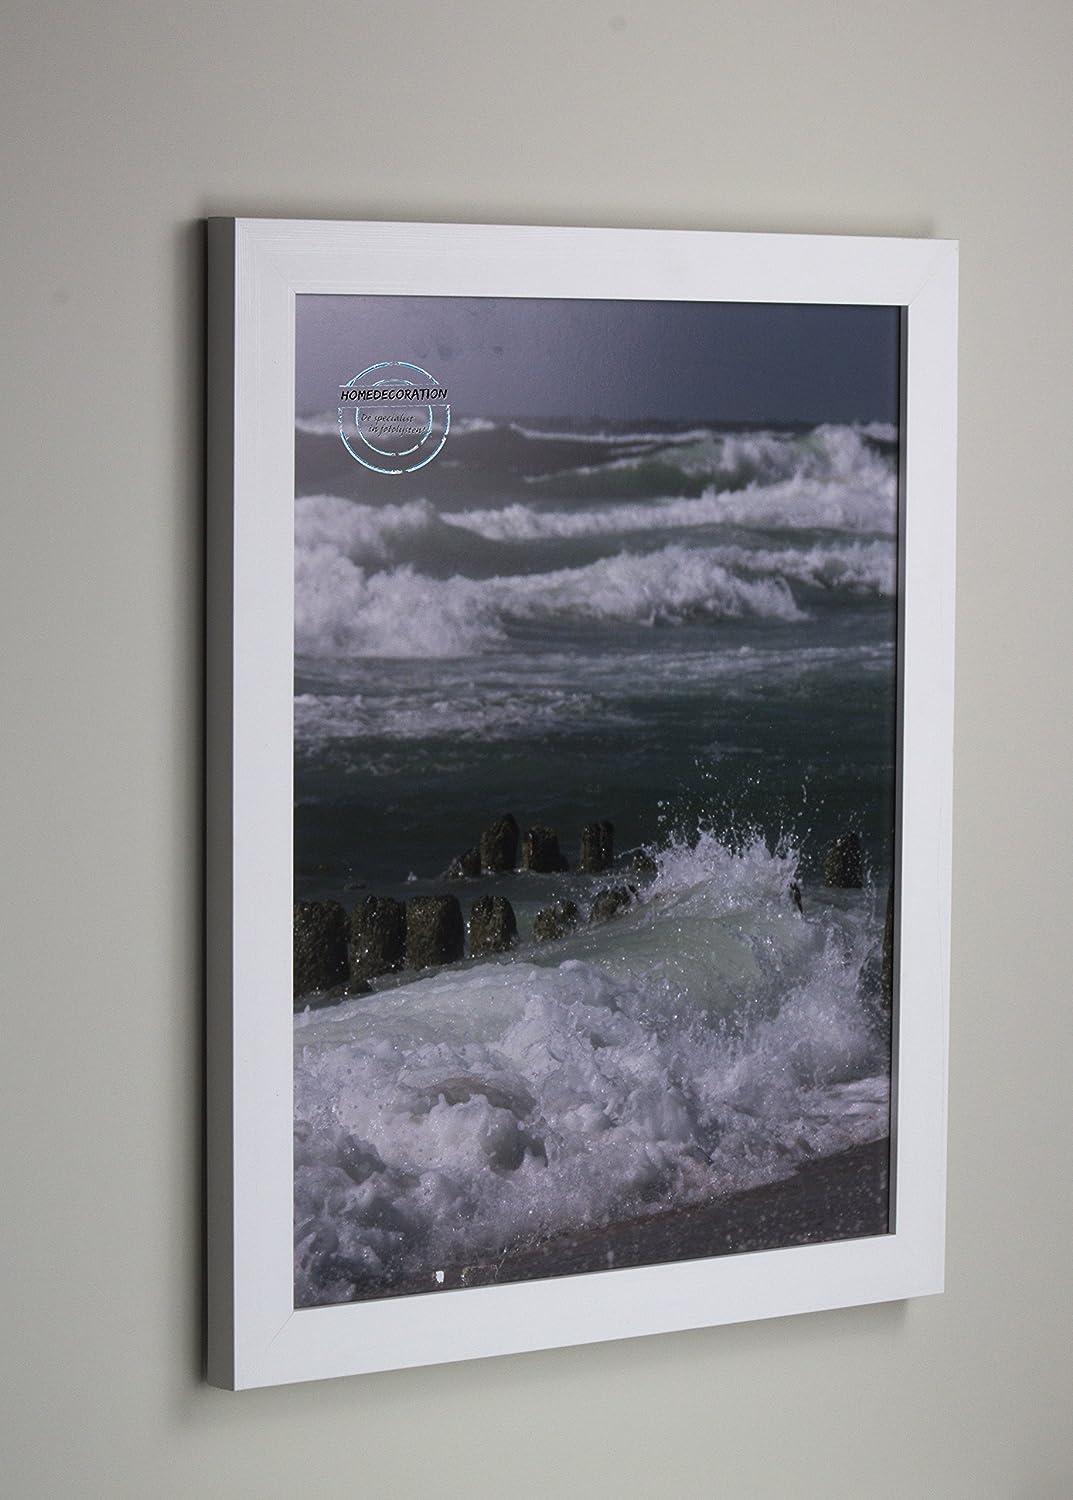 Marco Kiruna 20 x 120 cm MDF, marco estable en el estilo Bauhaus 120 x 20cm, Color seleccionado  blancoo veteado con vidrio acrílico projoector antirreflector 2mm